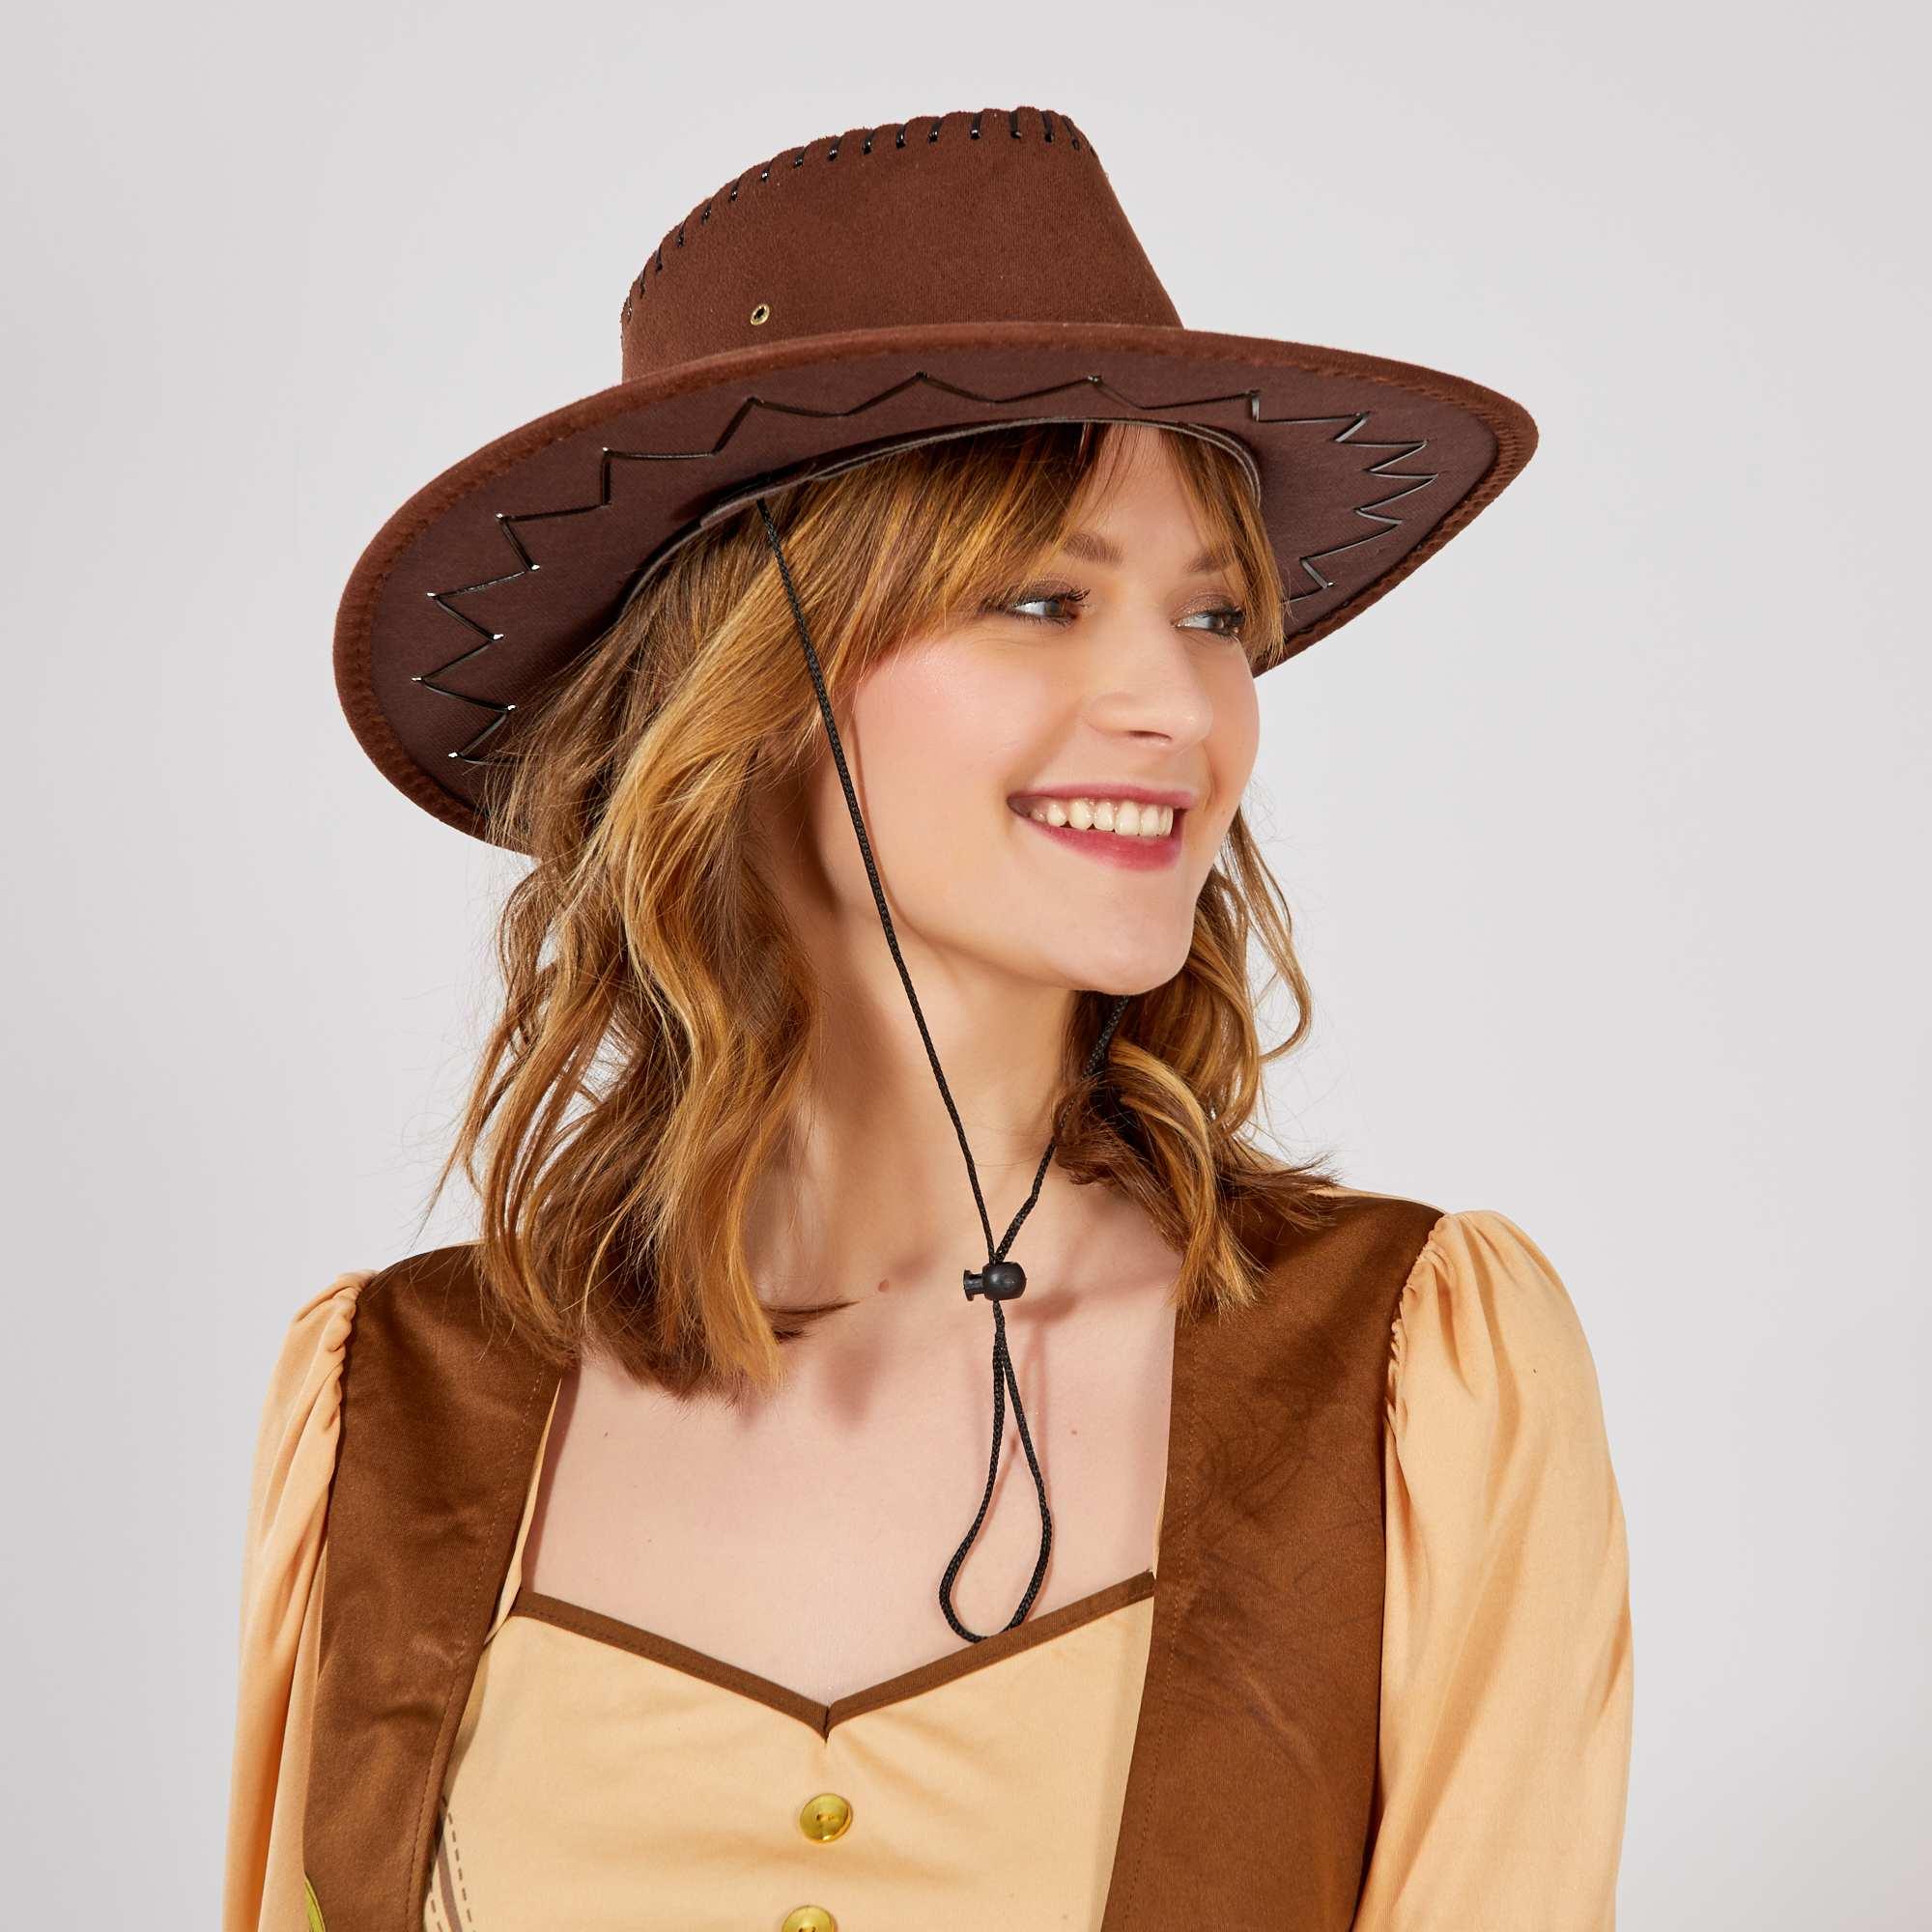 chapeau de cow boy homme marron kiabi 5 00. Black Bedroom Furniture Sets. Home Design Ideas